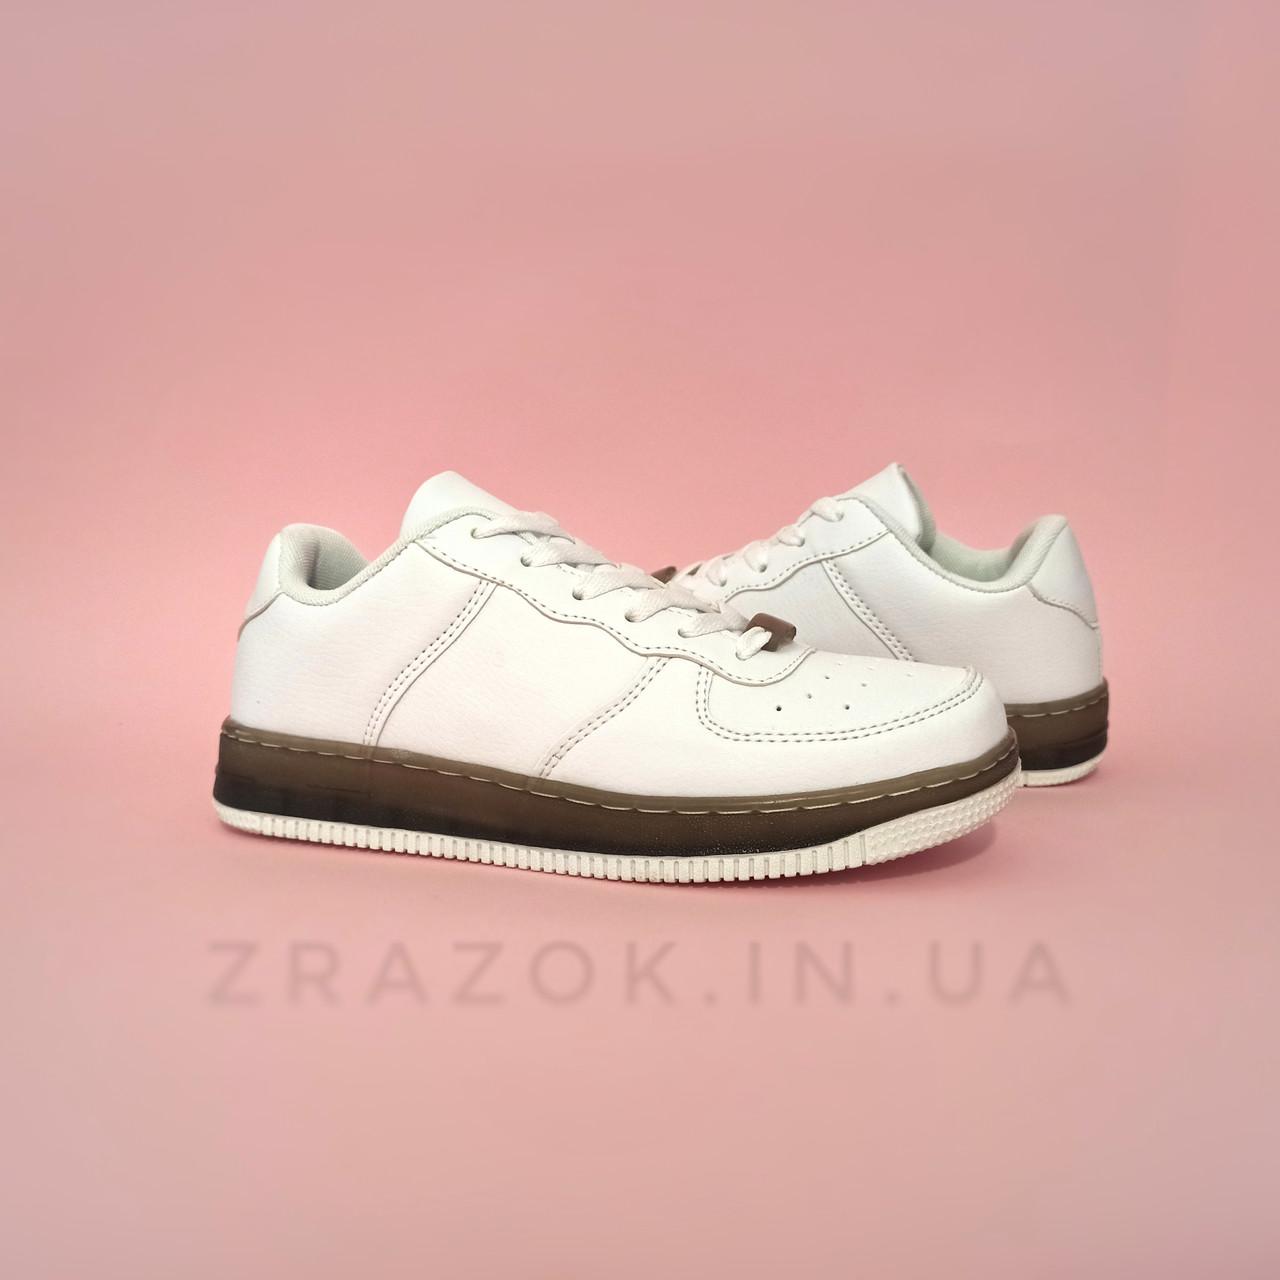 Кросівки білі Nike Air Force low копія літні найк еір форс шкіряні